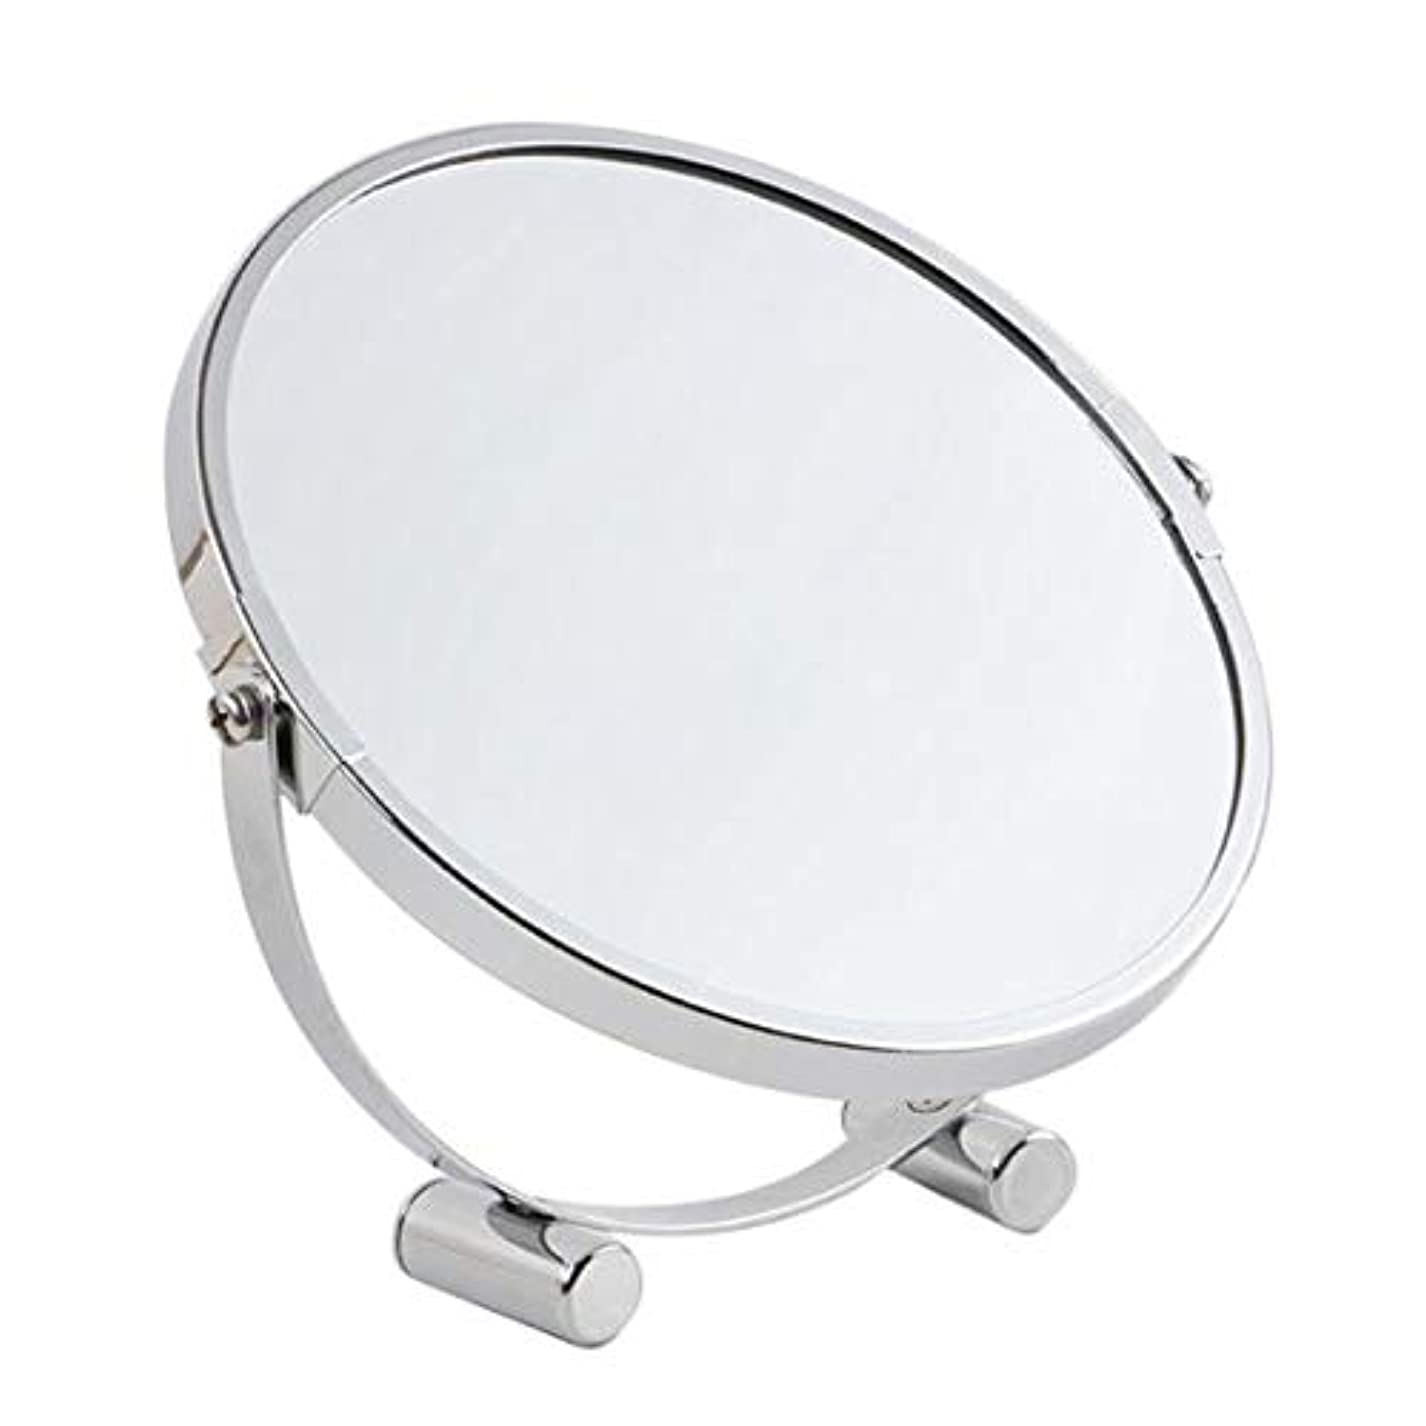 薬禁止する去るTHINKELS-TECH 7インチ化粧鏡両面1X/2X倍率360度回転旅行用ミラー トラベルミラーベース取り外し可能